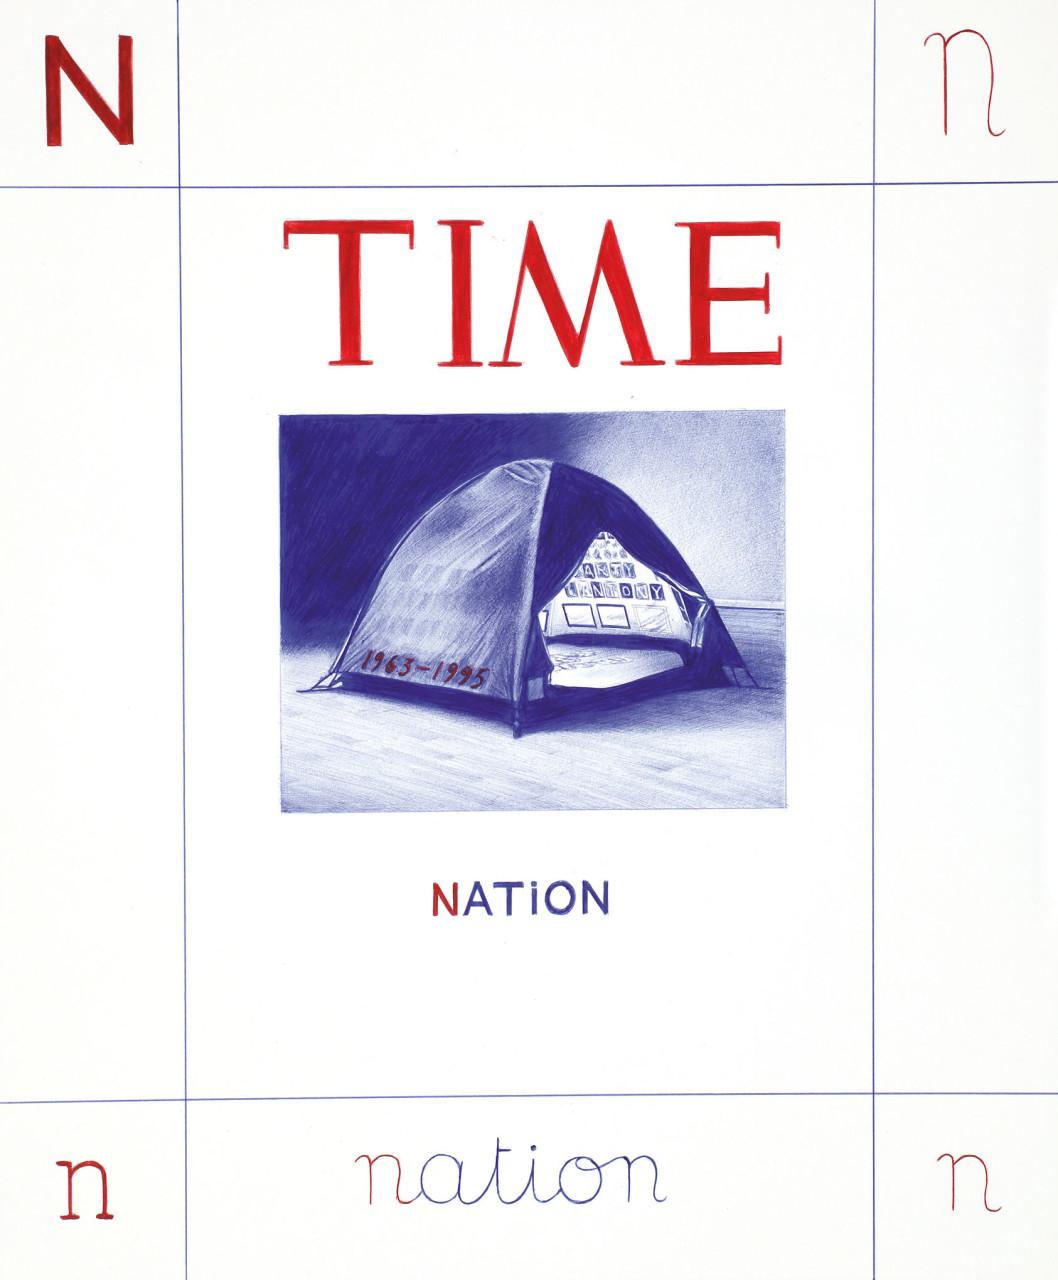 07N-nation_bassa